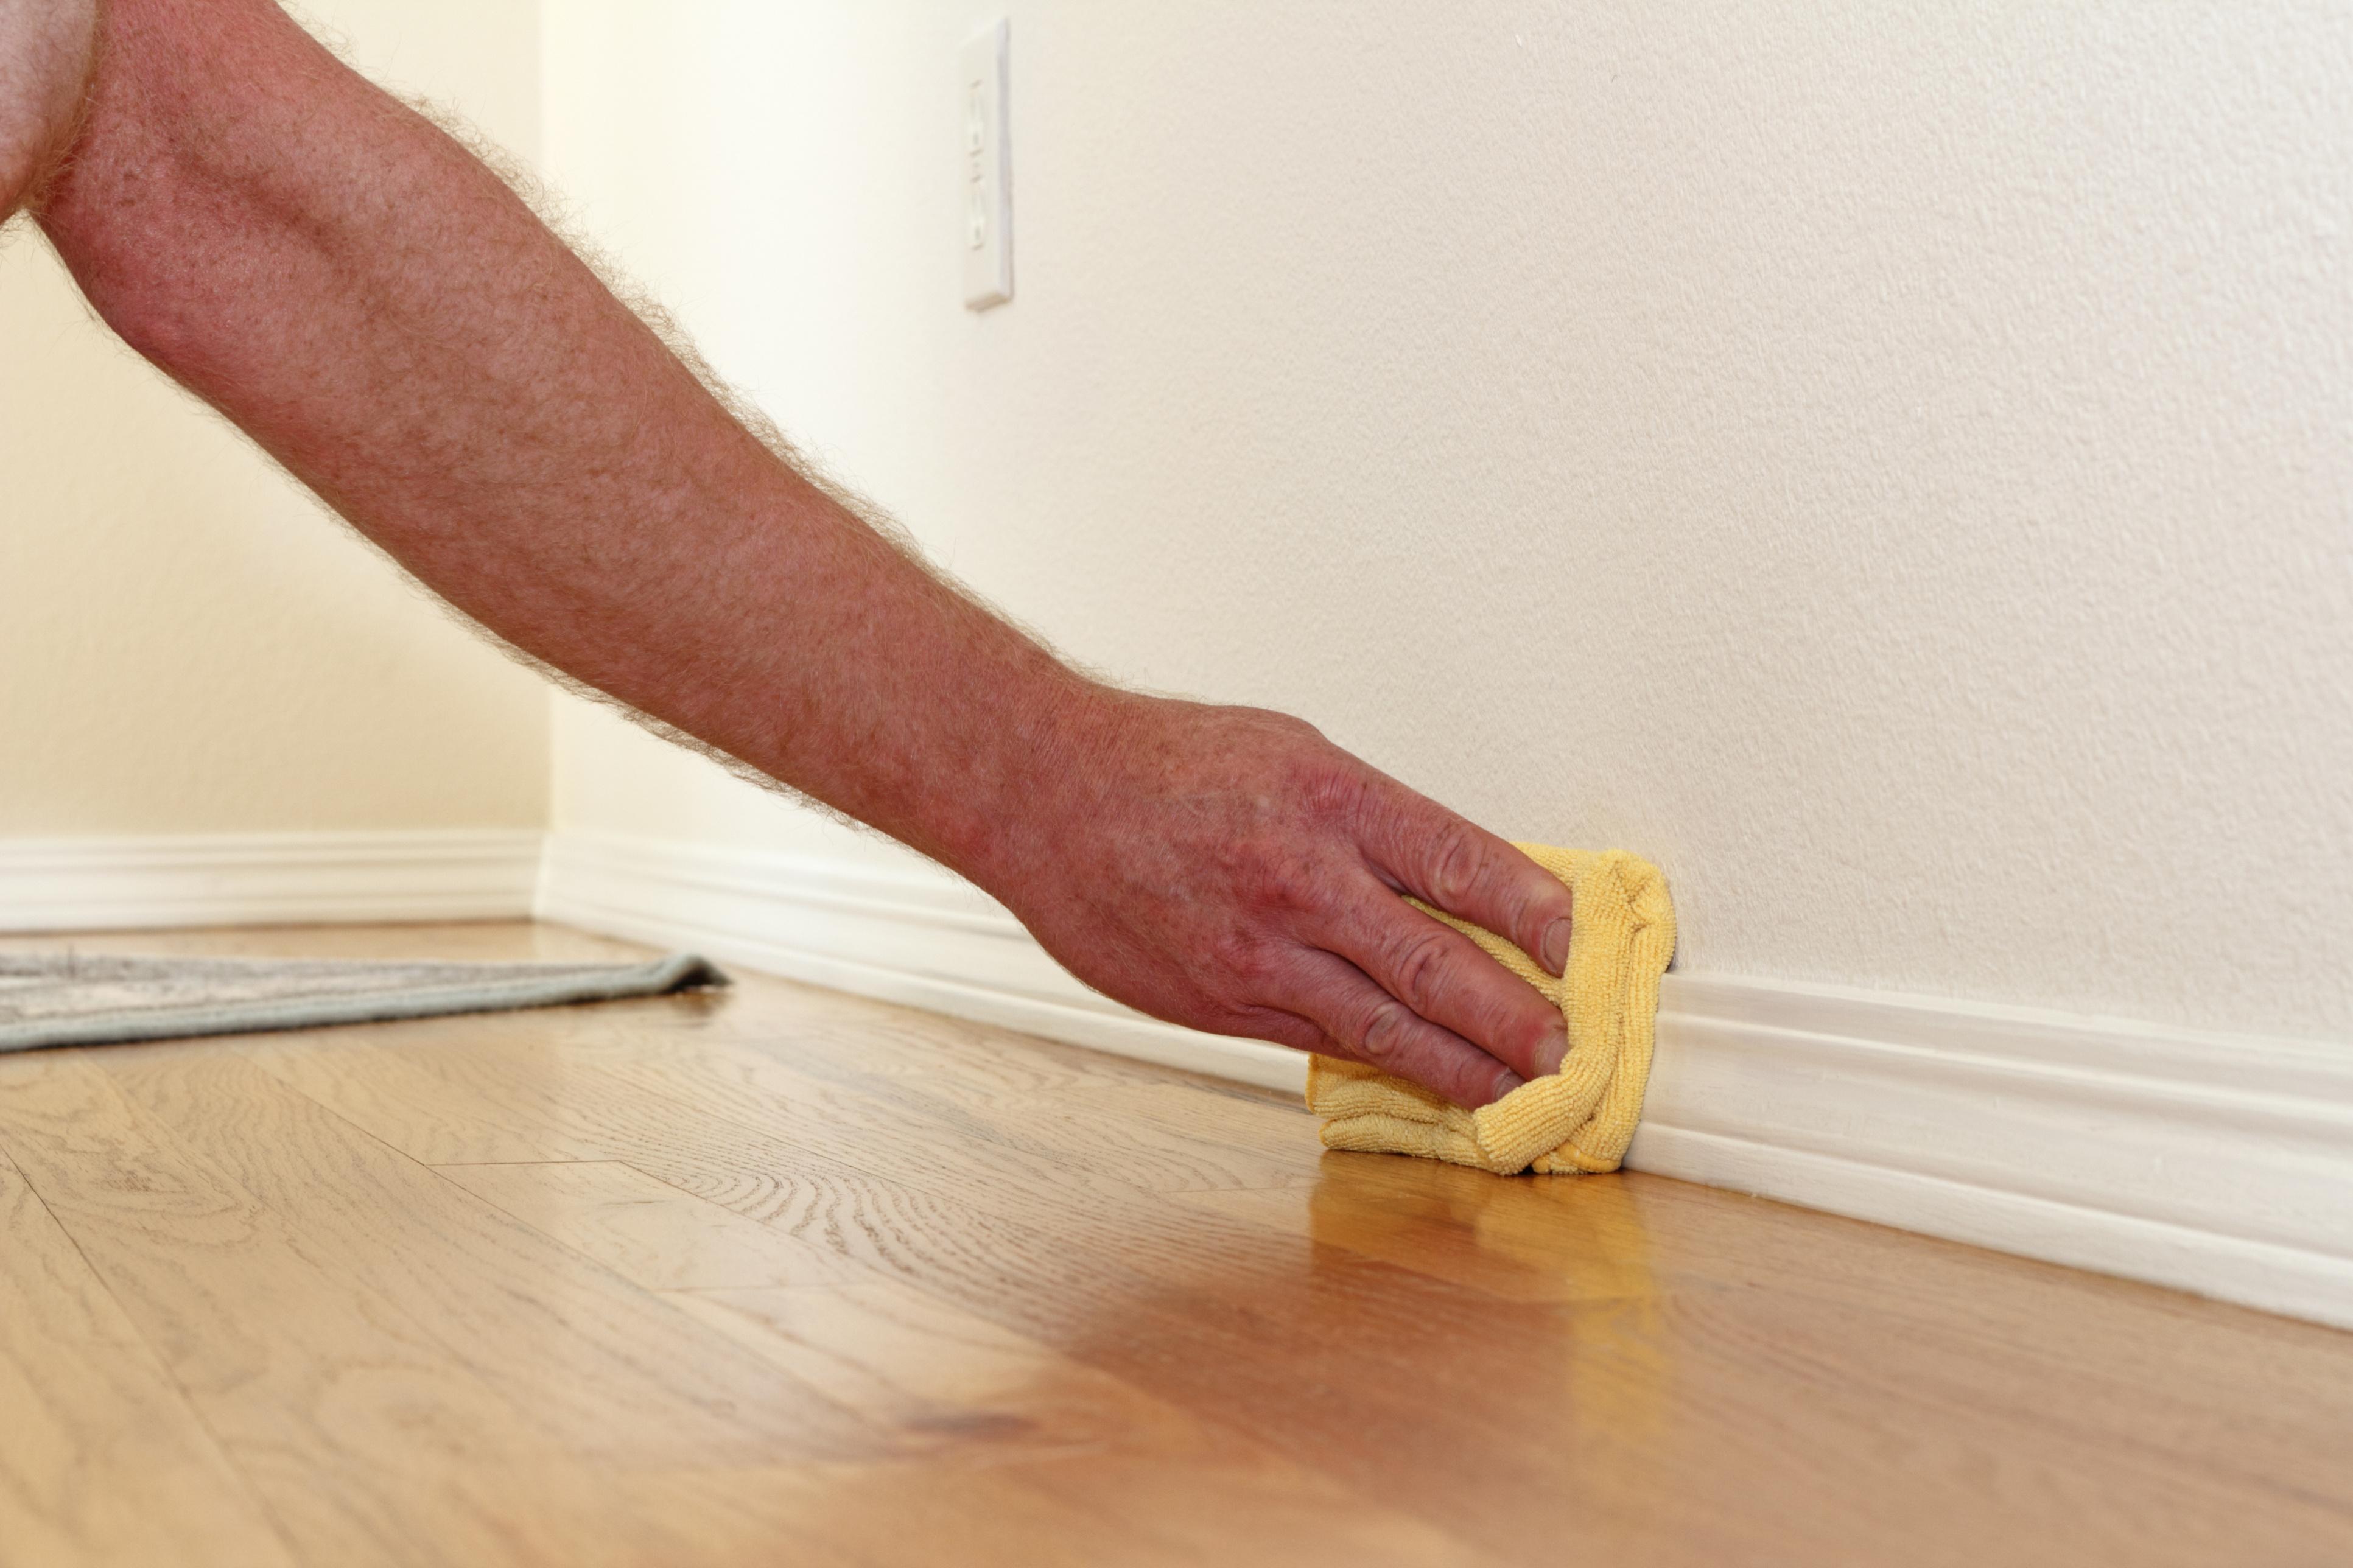 Soluția cu bicarbonat de sodiu cu care poți scoate petele de pe pereți. Poate scuti banii de zugrăvit